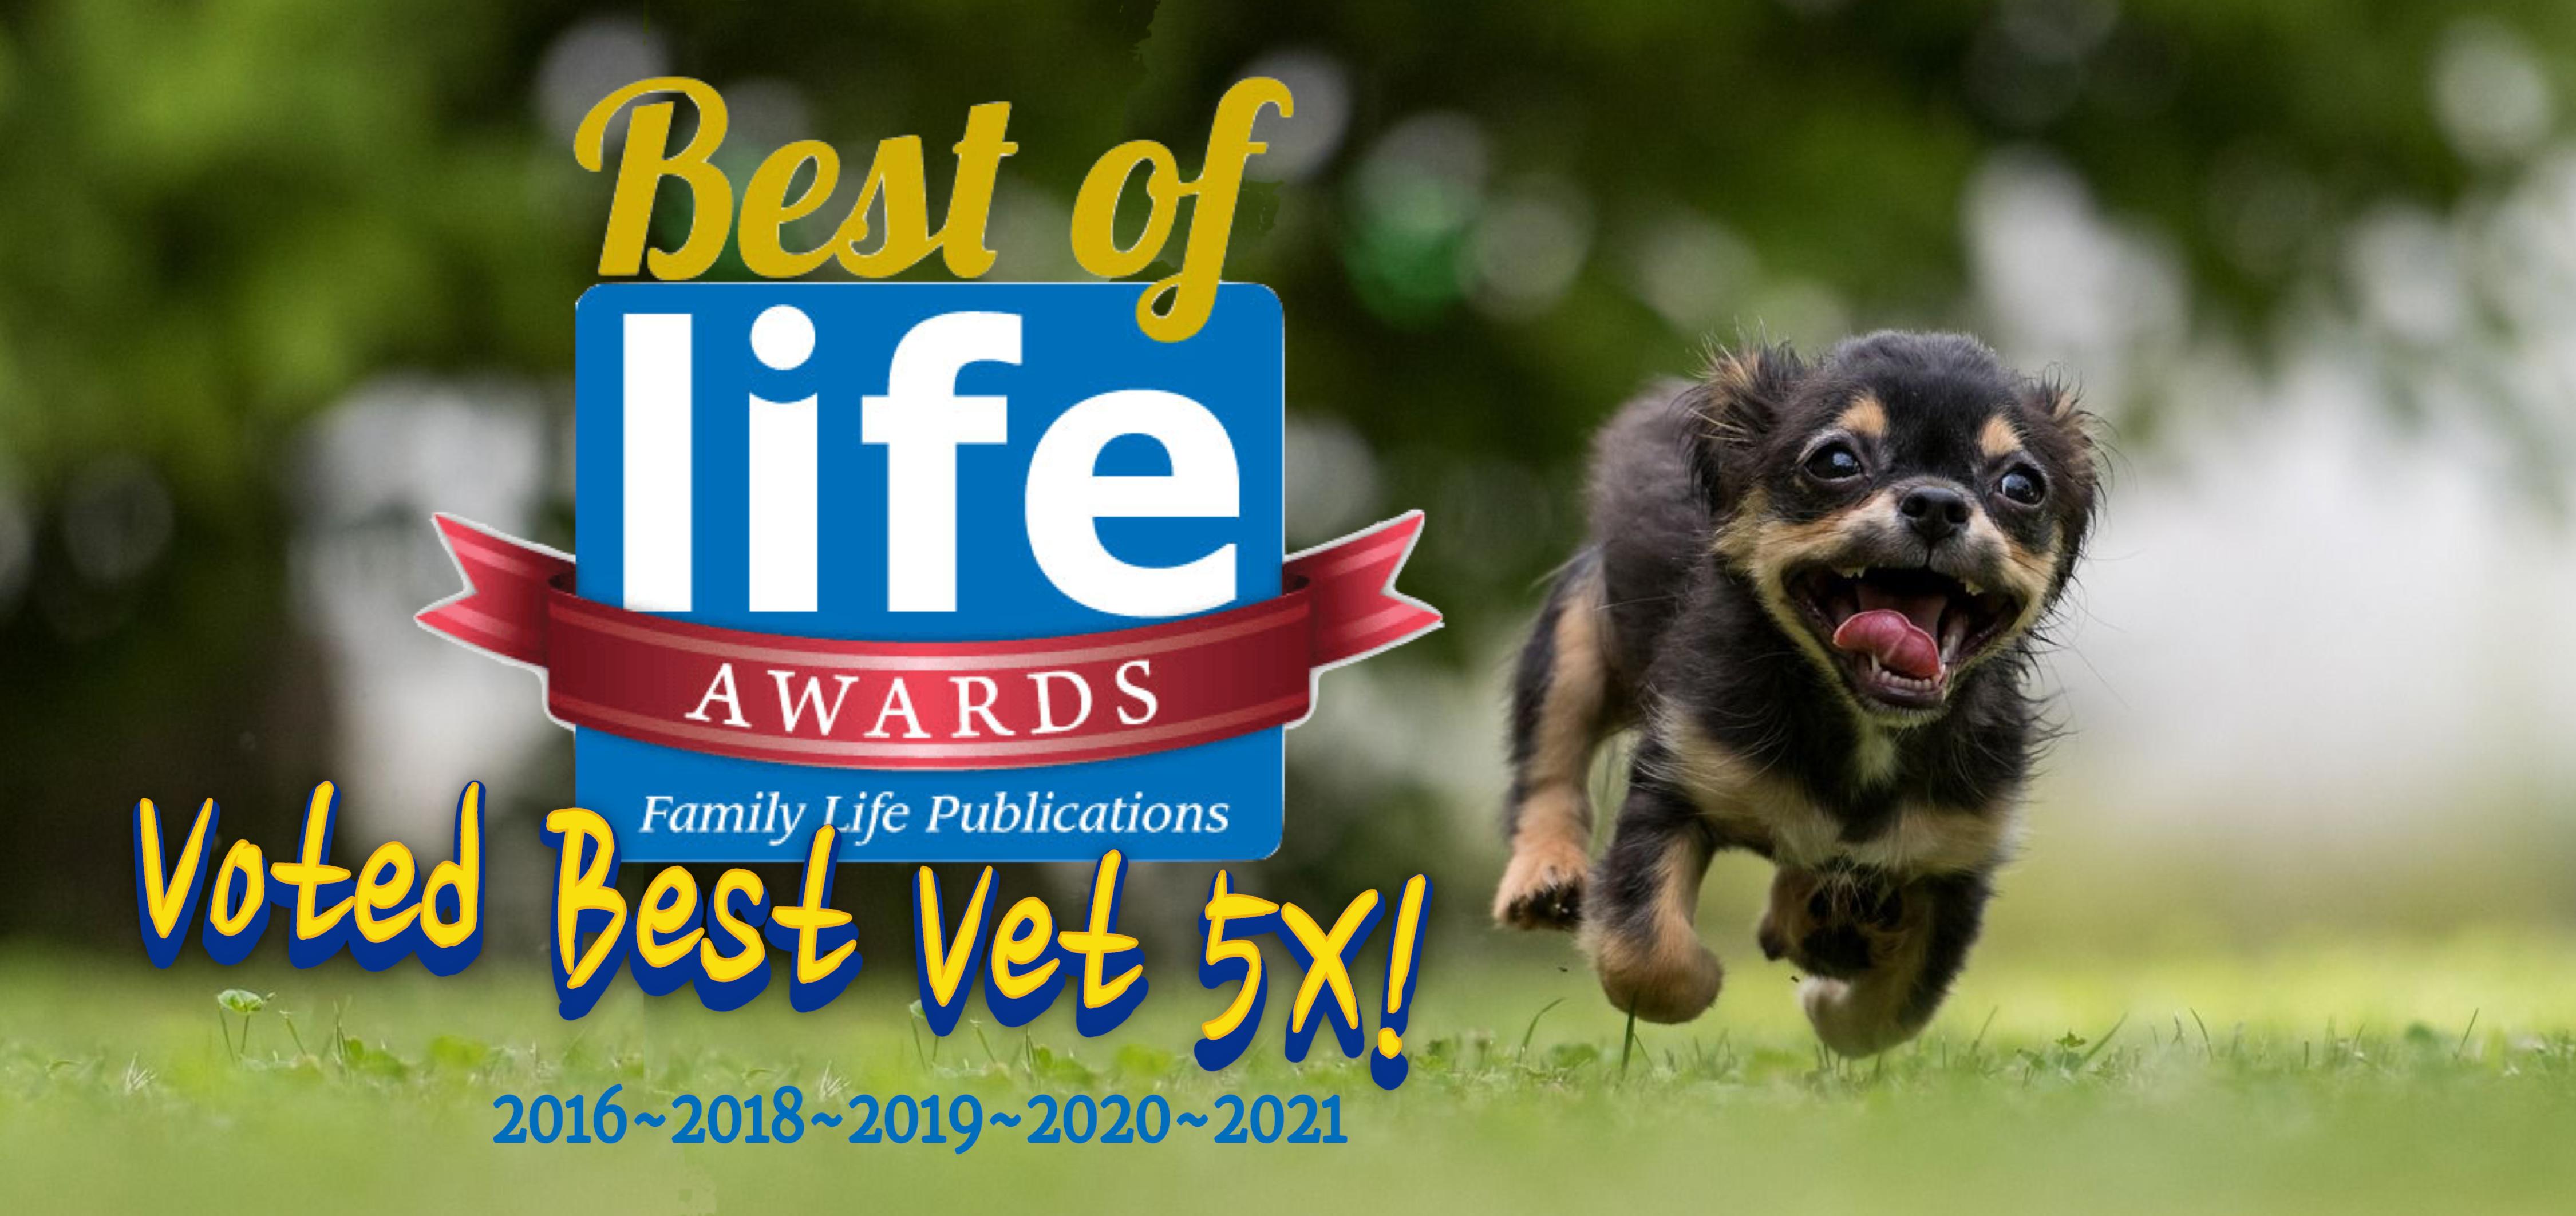 Best Veterinarian Canton Ga 2021